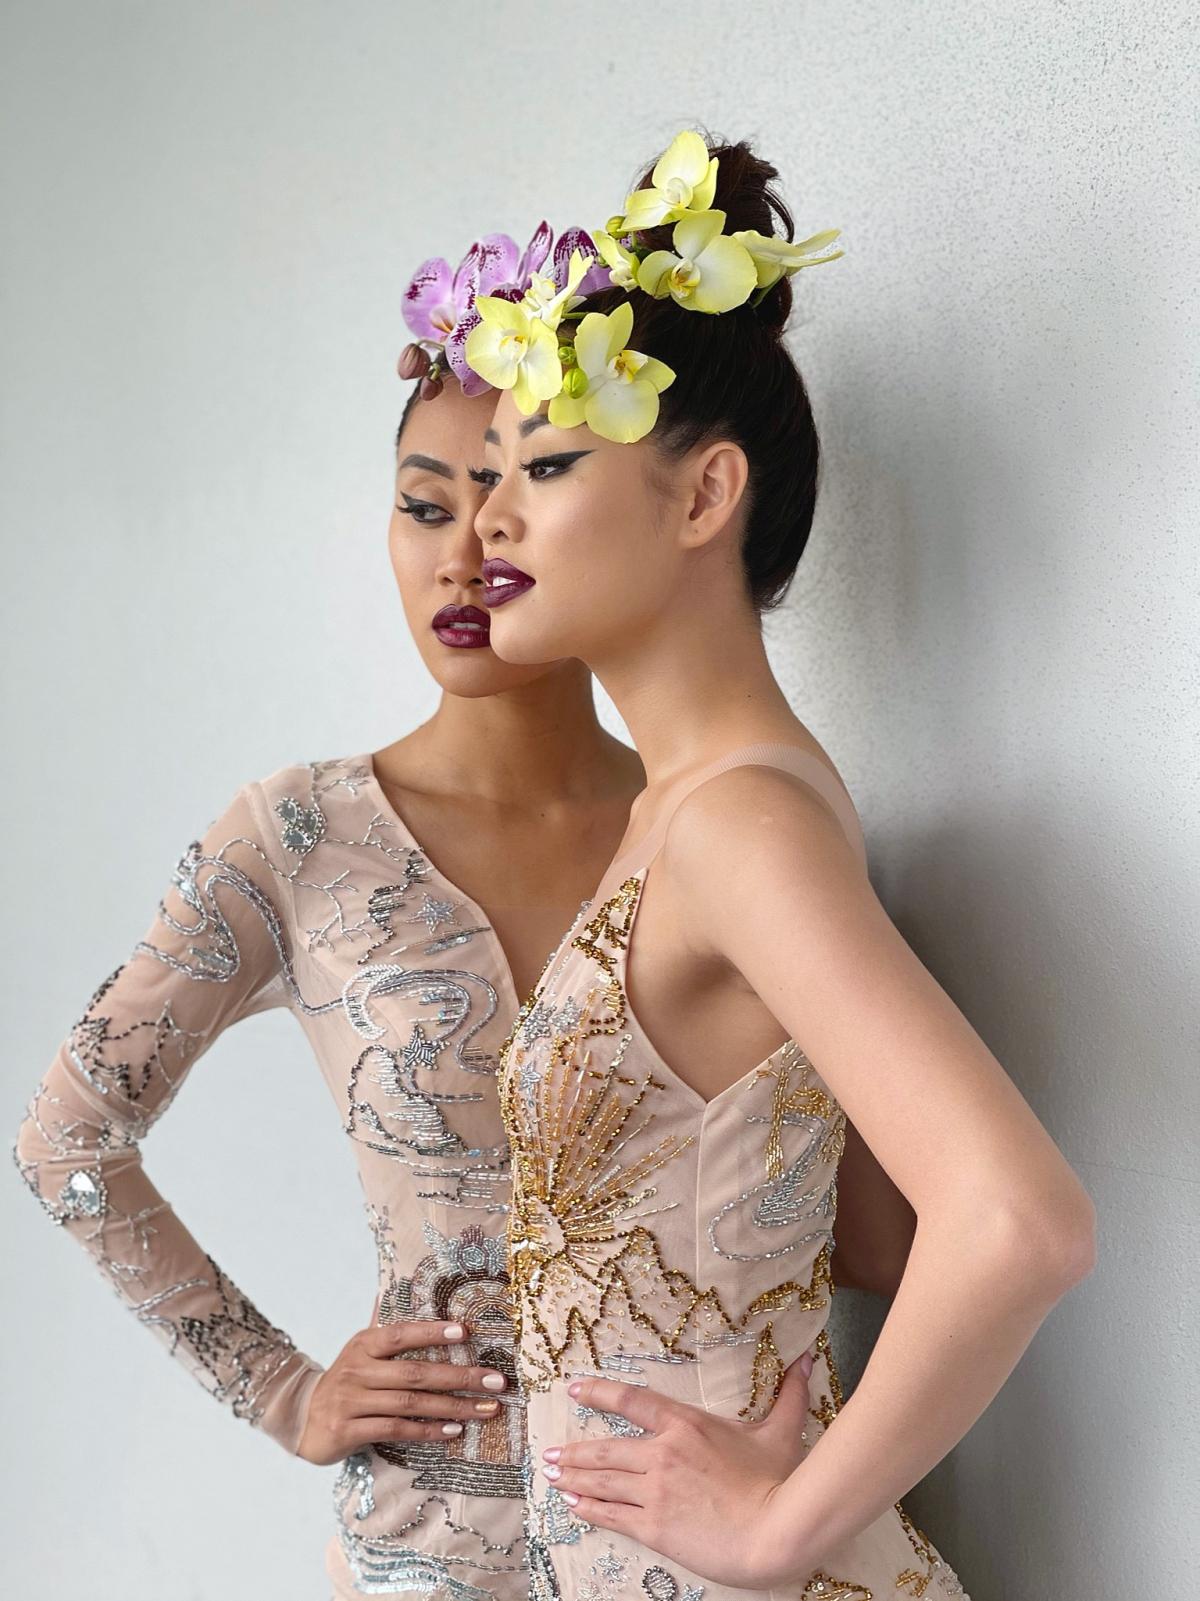 Người đẹp Francisca Luhong James cũng có công việc tại New York nên cả hai đã sắp xếp thời gian để thực hiện bộ ảnh chung với nhau, cũng như lưu giữ lại kỷ niệm về tình bạn Miss Universe.